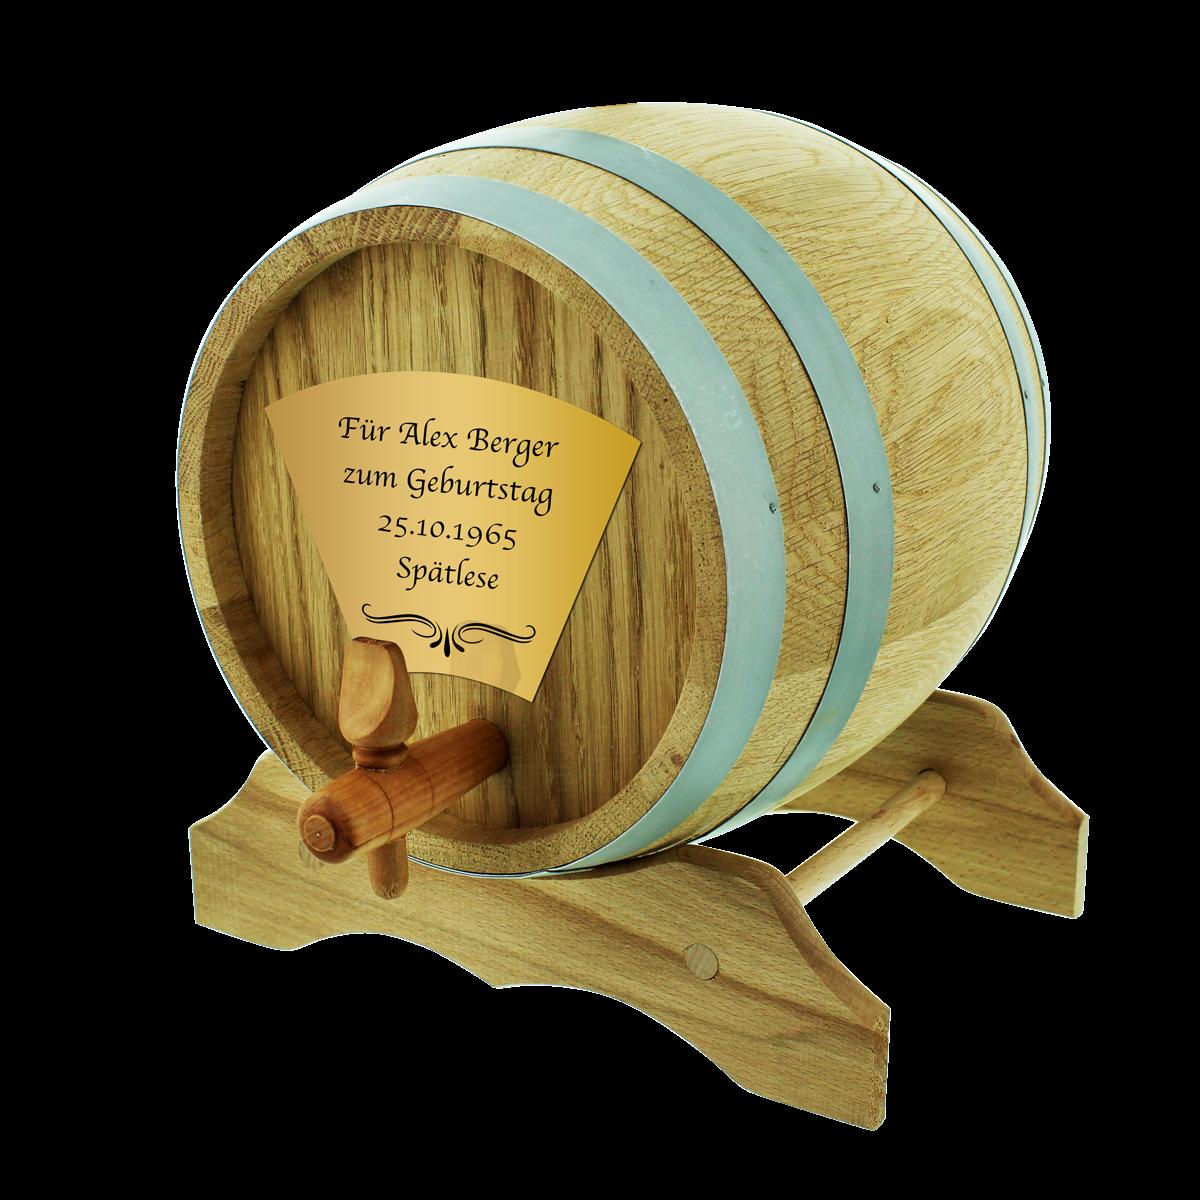 Das 10 Liter Eichen-Holzfass mit Personalisierung